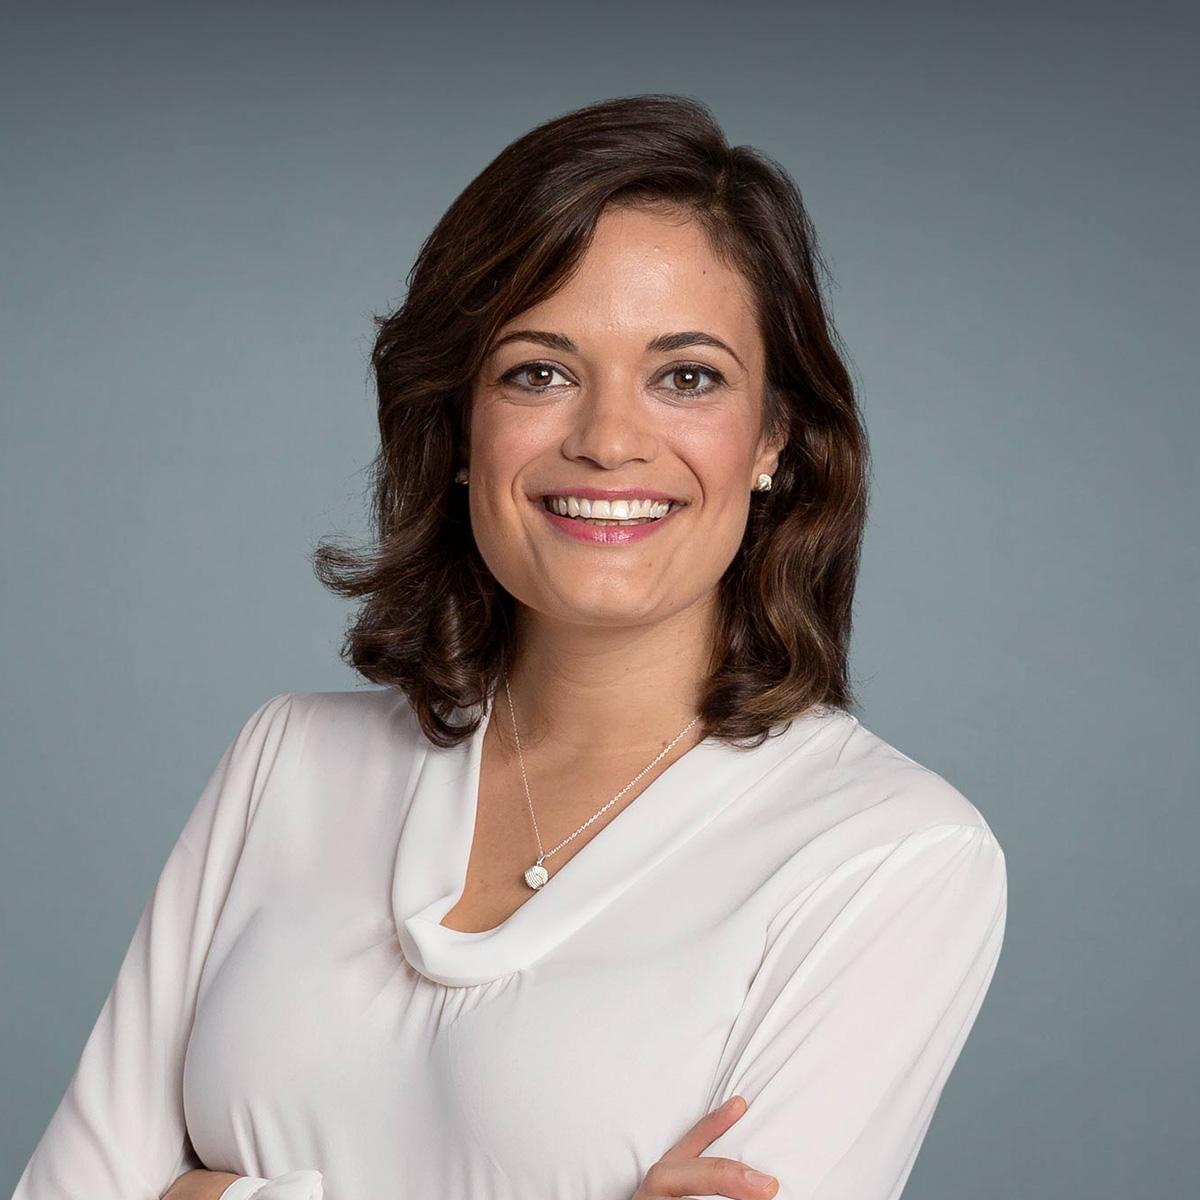 Heidi N. Fusco | NYU Langone Health